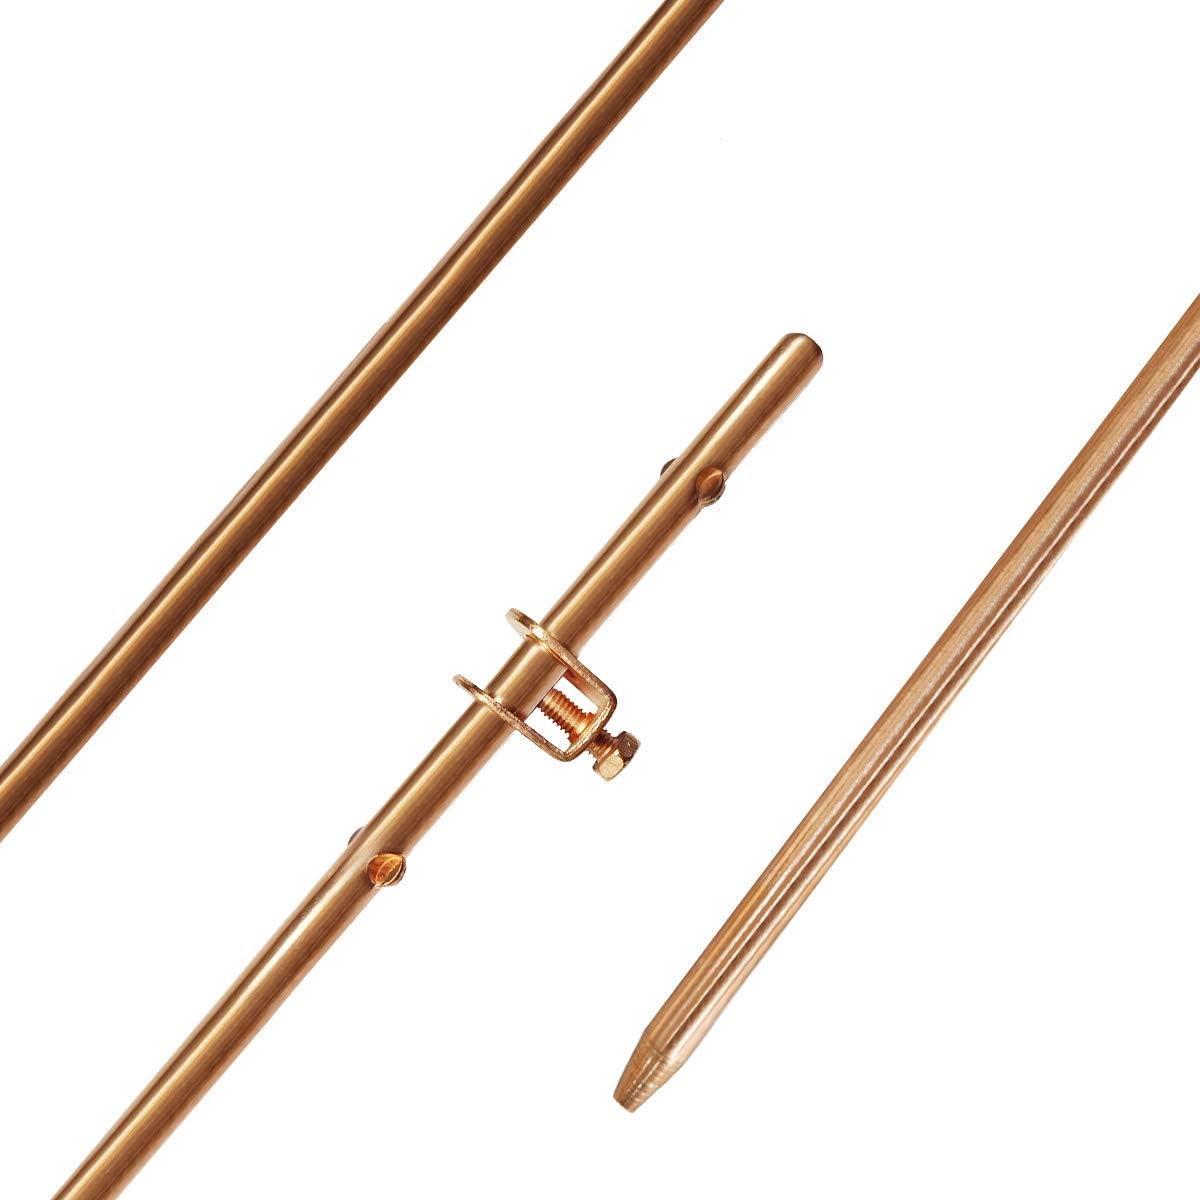 GOUNENGNAIL- Copper Grounding Rod - 3/8